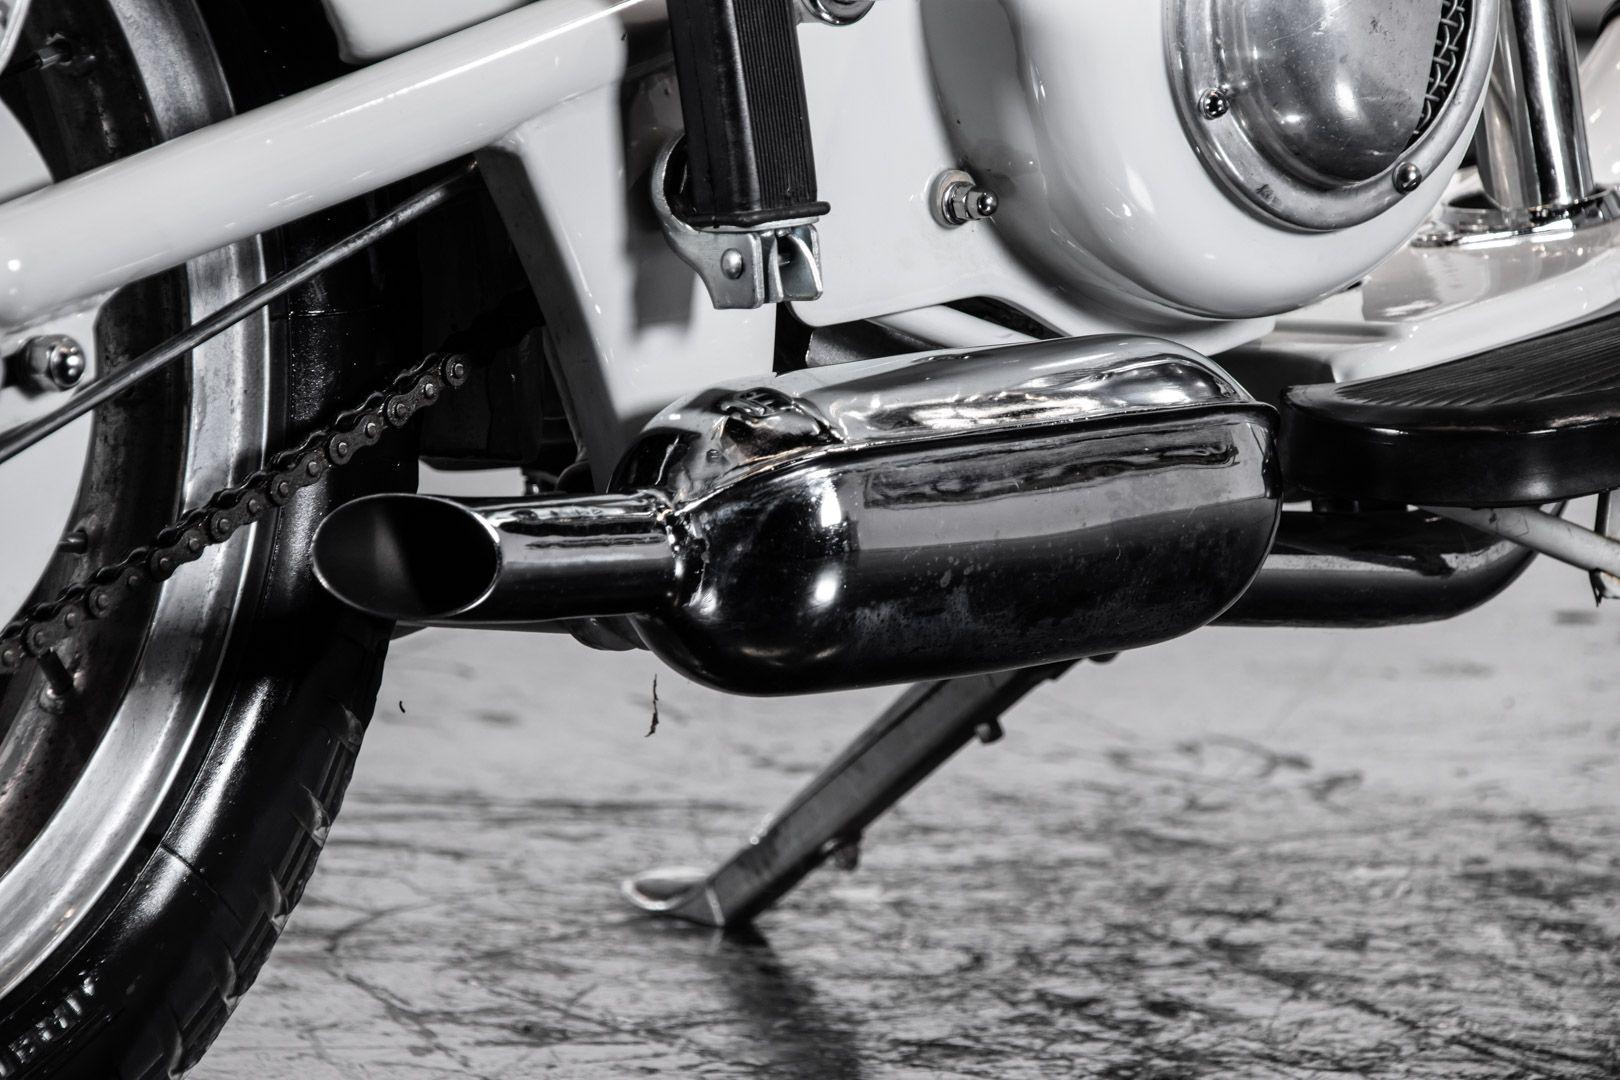 1954 Motom Delfino 165 82913